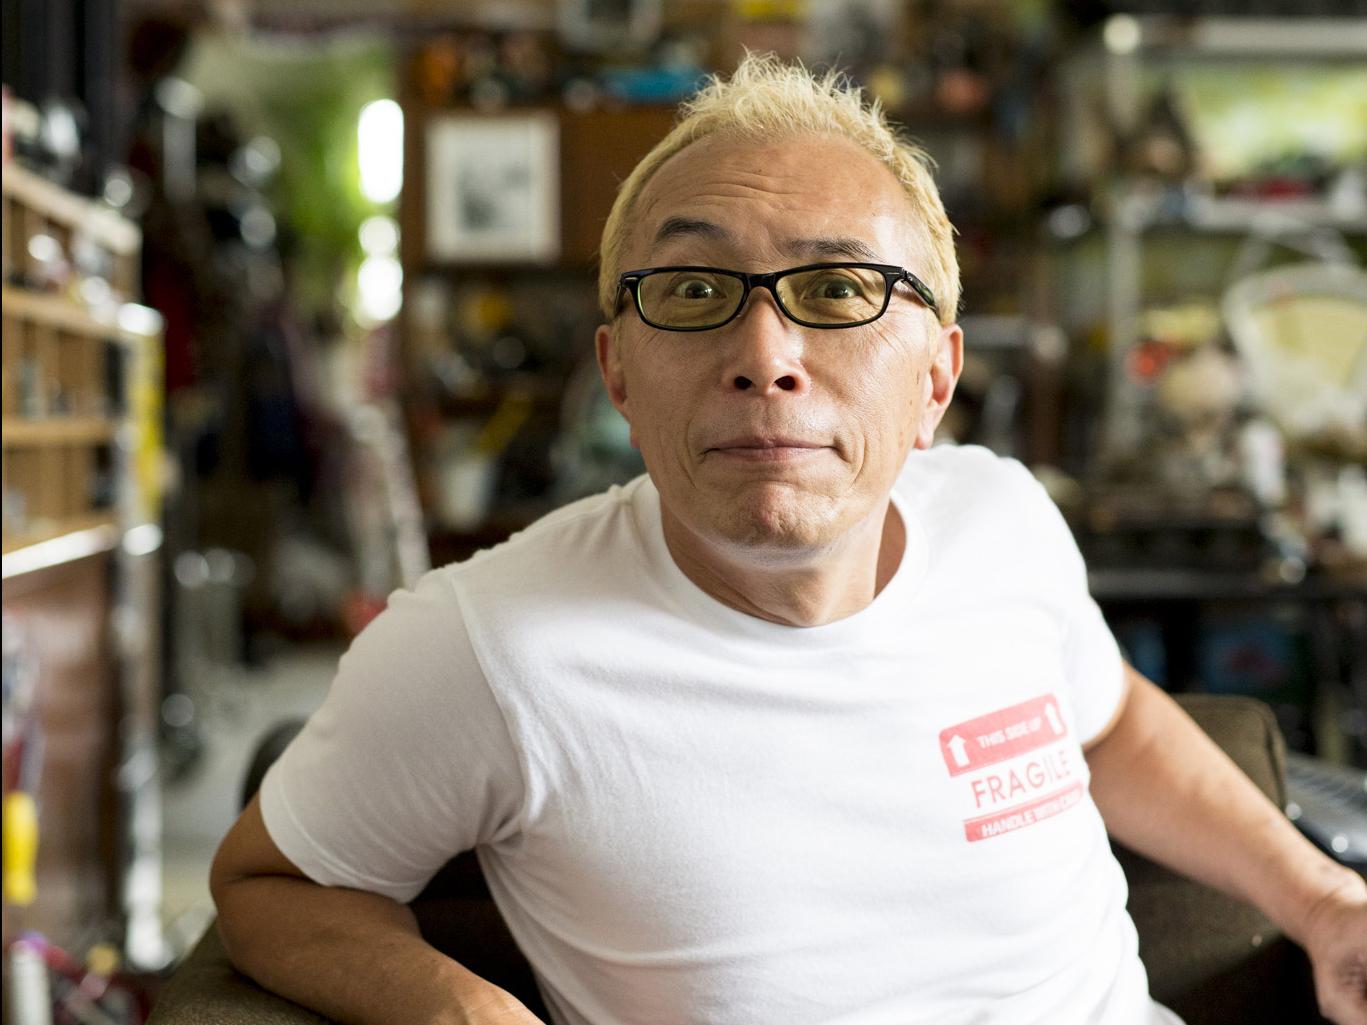 薄毛・ハゲの芸能人(有名人)60選!ハゲてもかっこいい人はいるのか!